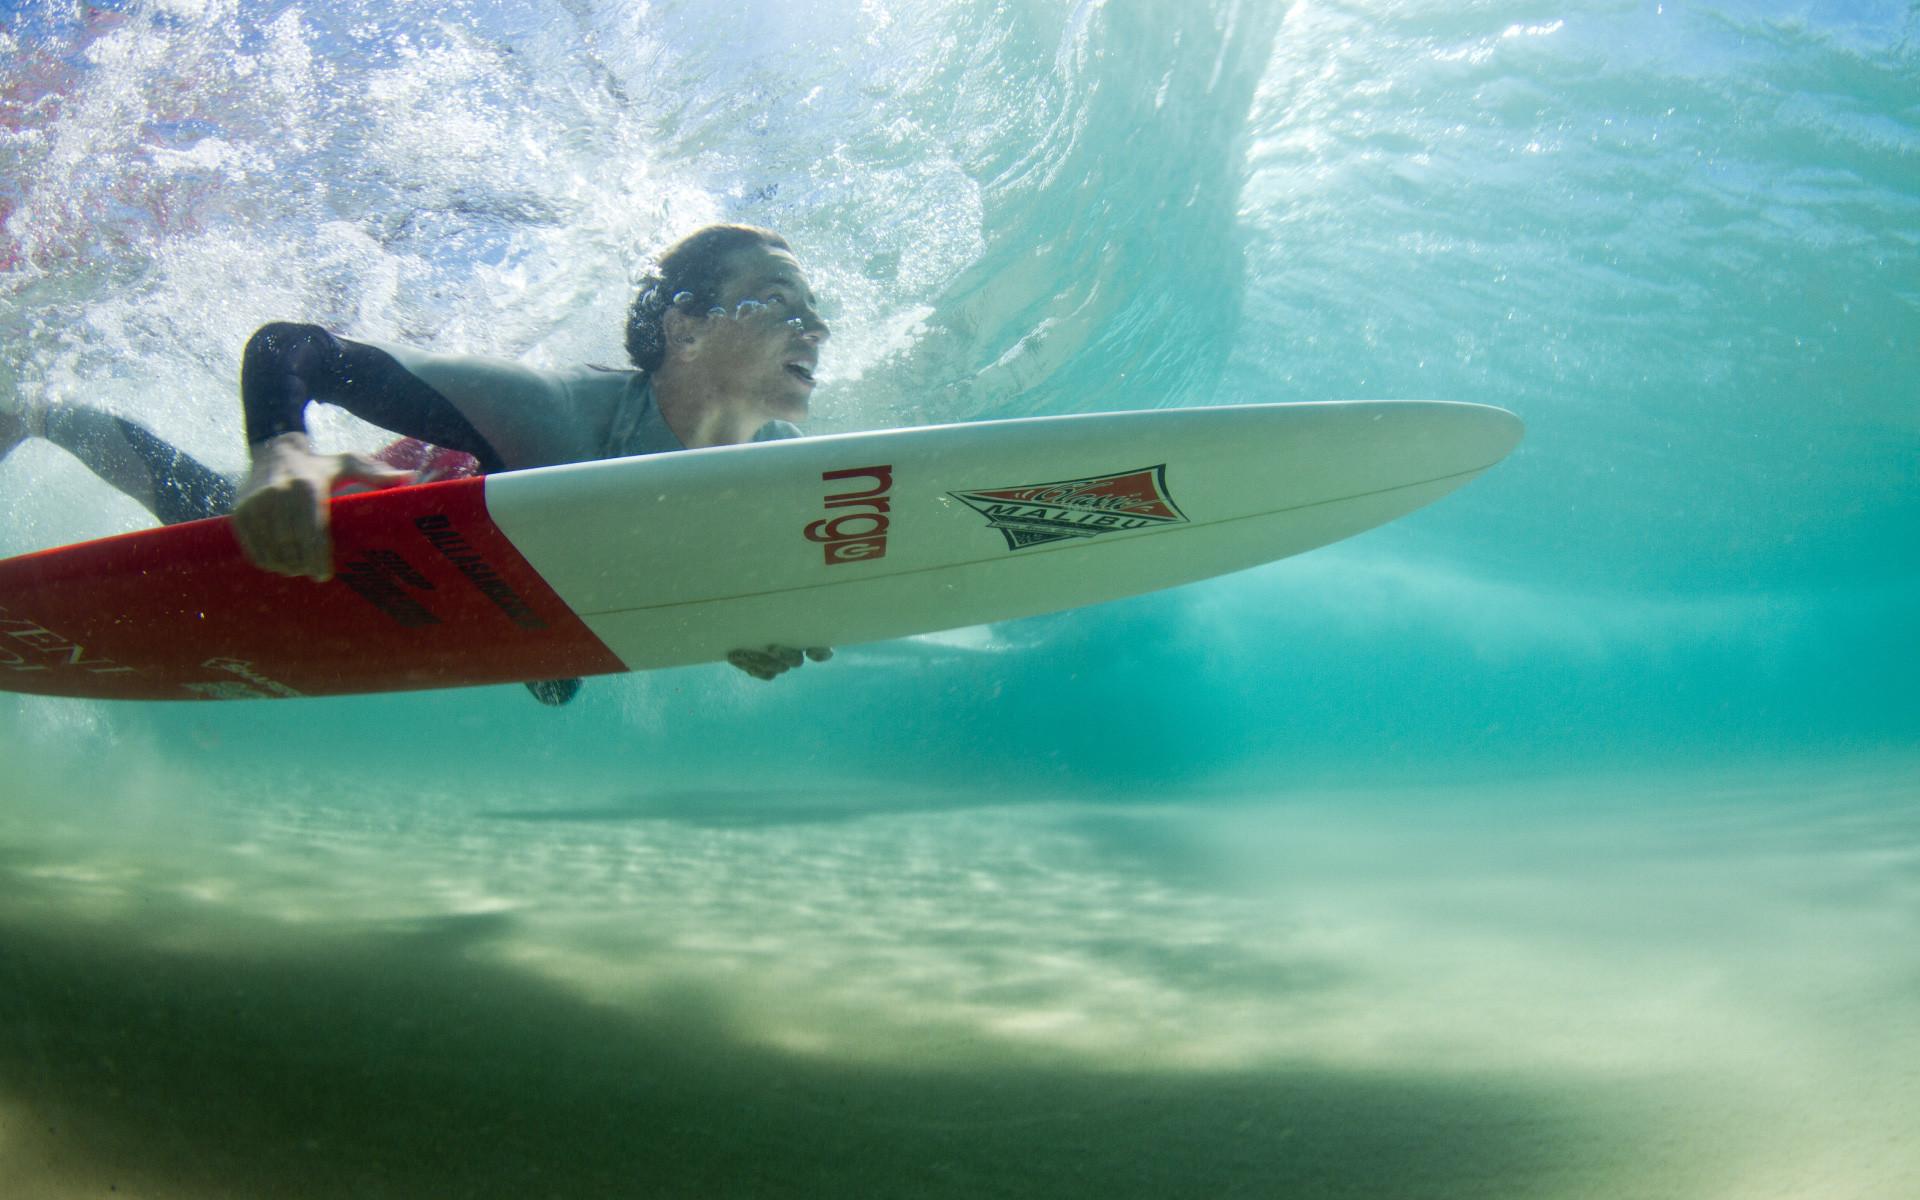 Girl On Surfboard Wallpaper Surfing Longboard Wallpaper 66 Images